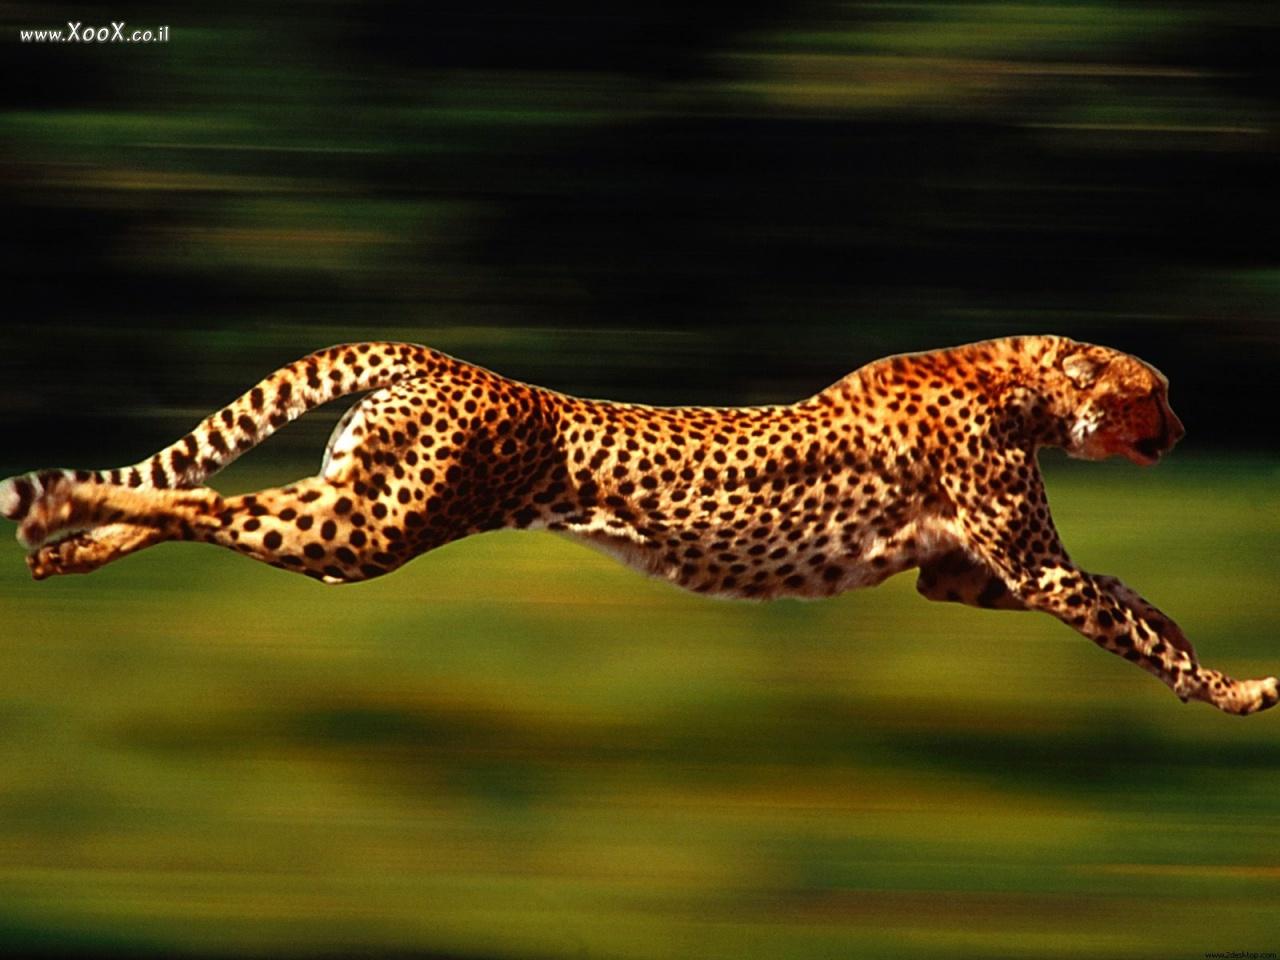 מהי החיה המהירה ביותר עלי אדמות ?